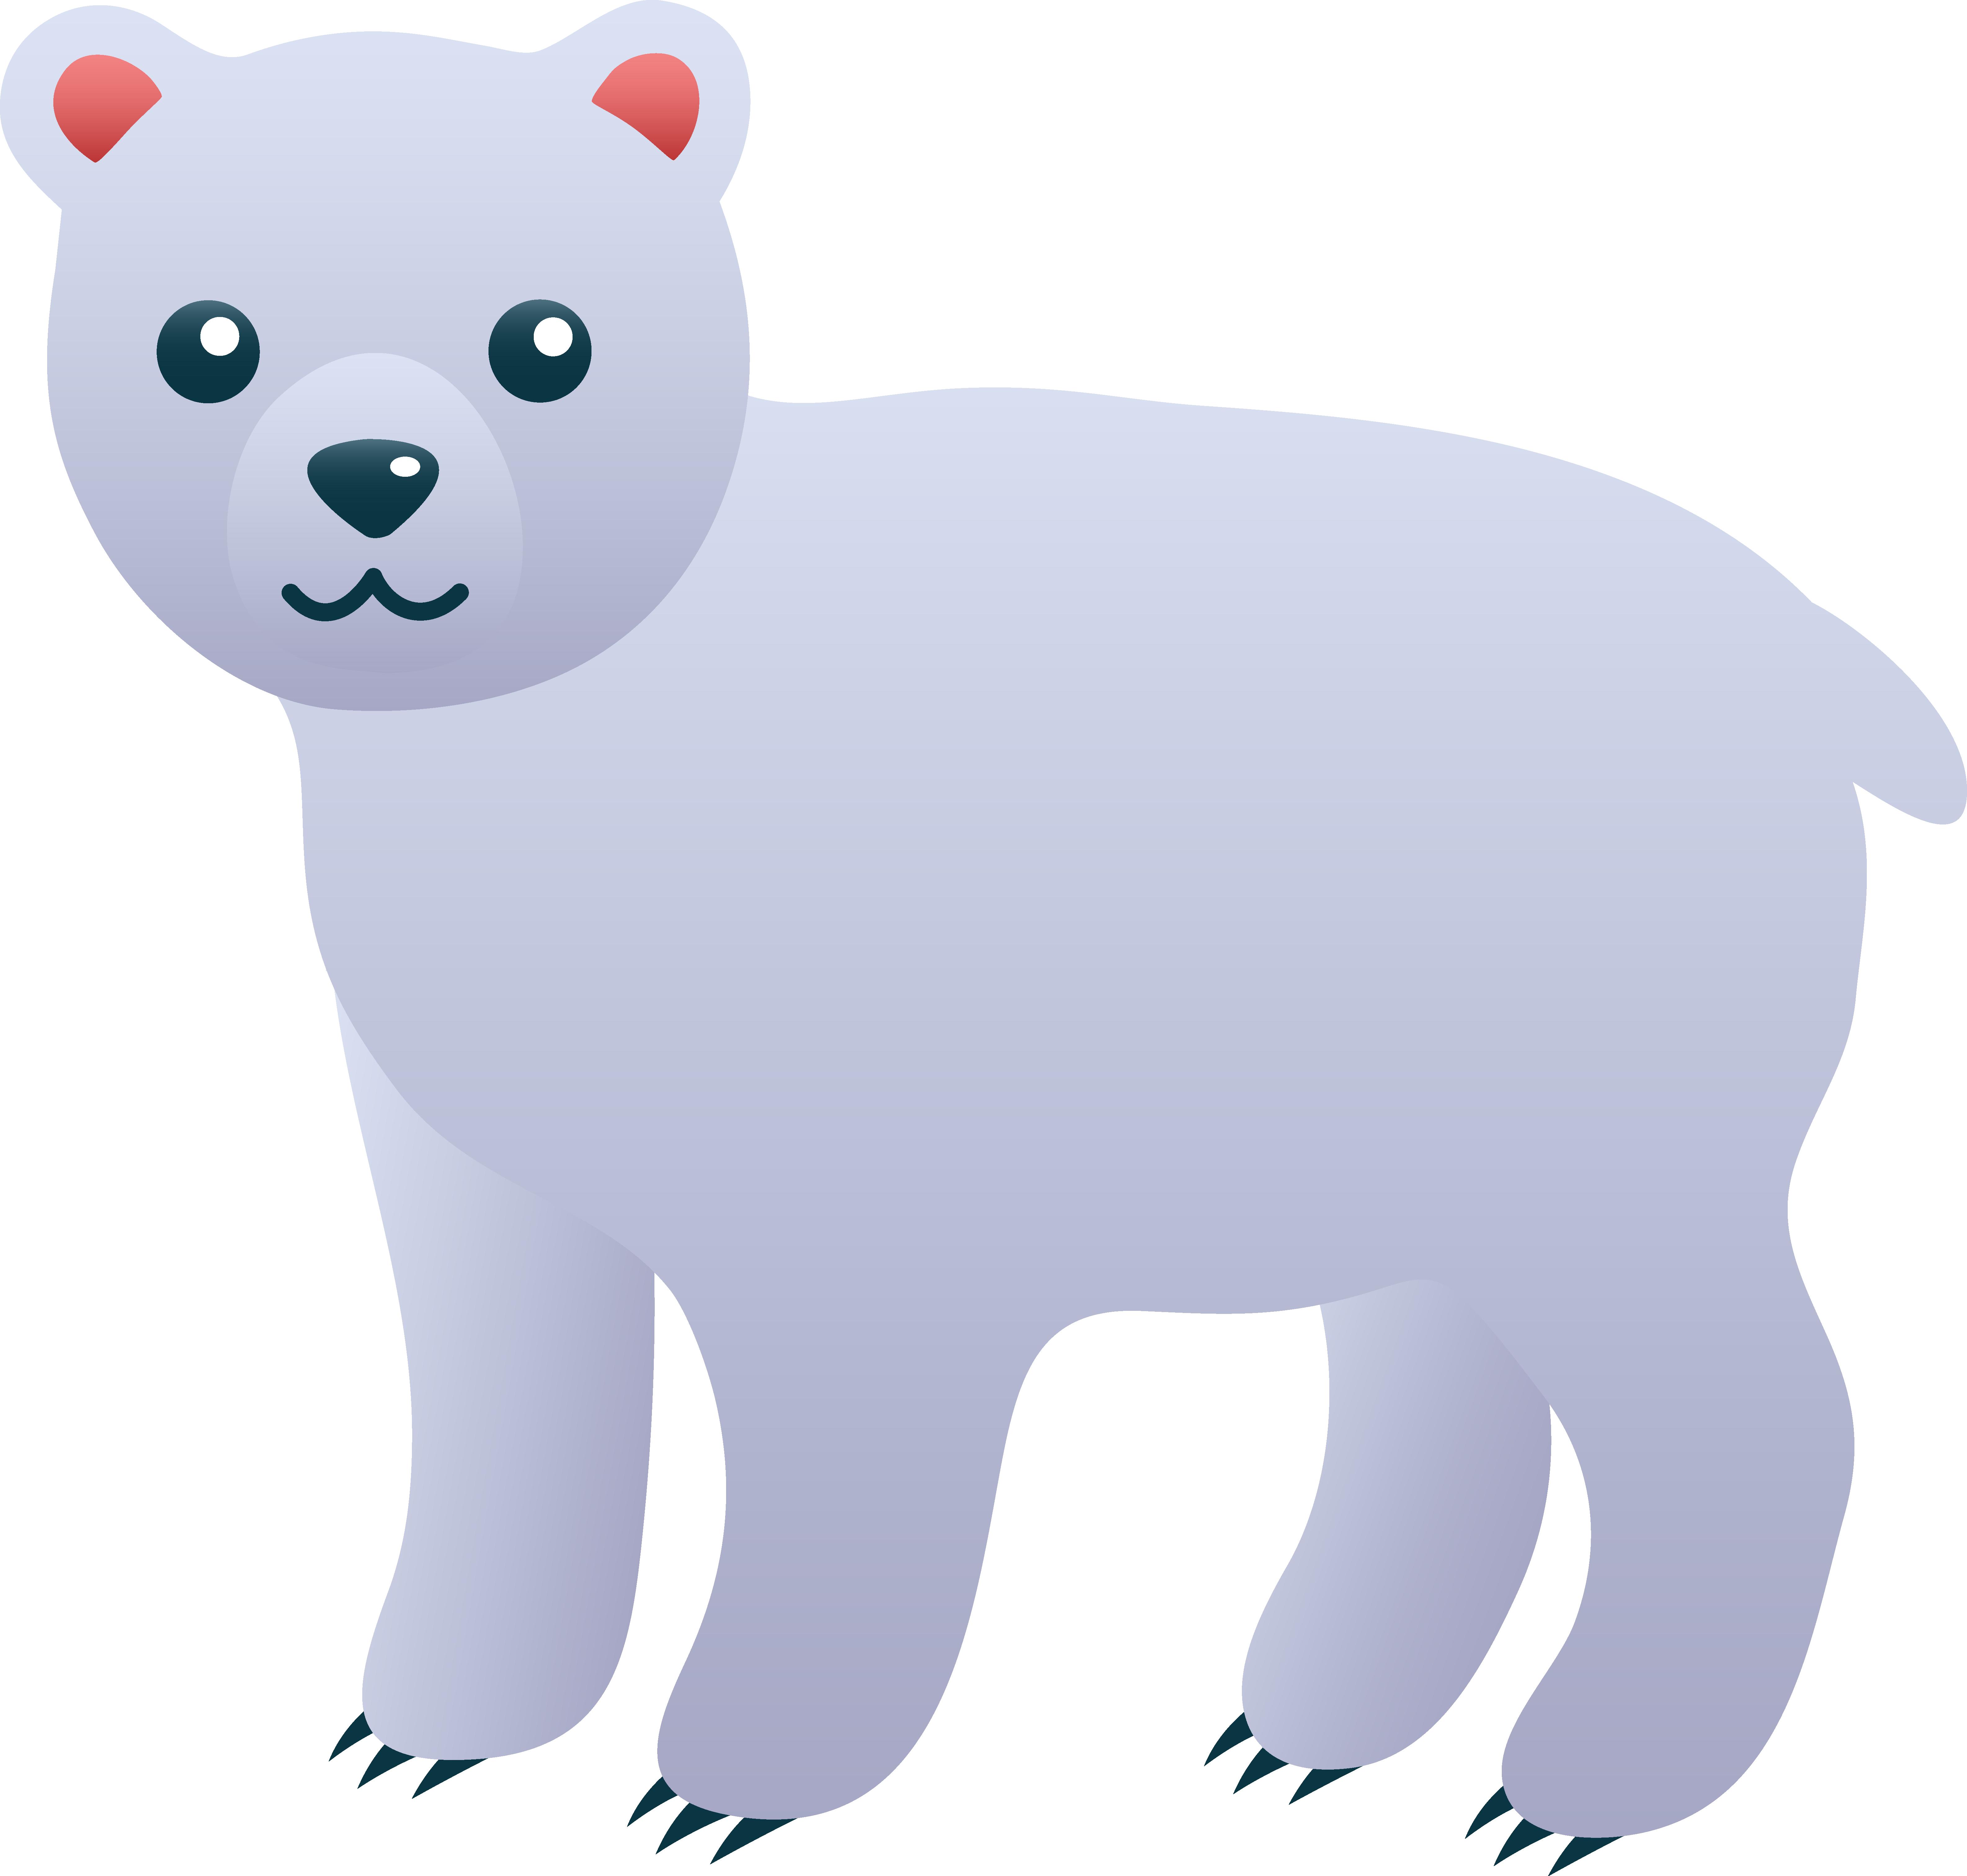 svg Arctic animal clipart. Cute polar bear clip